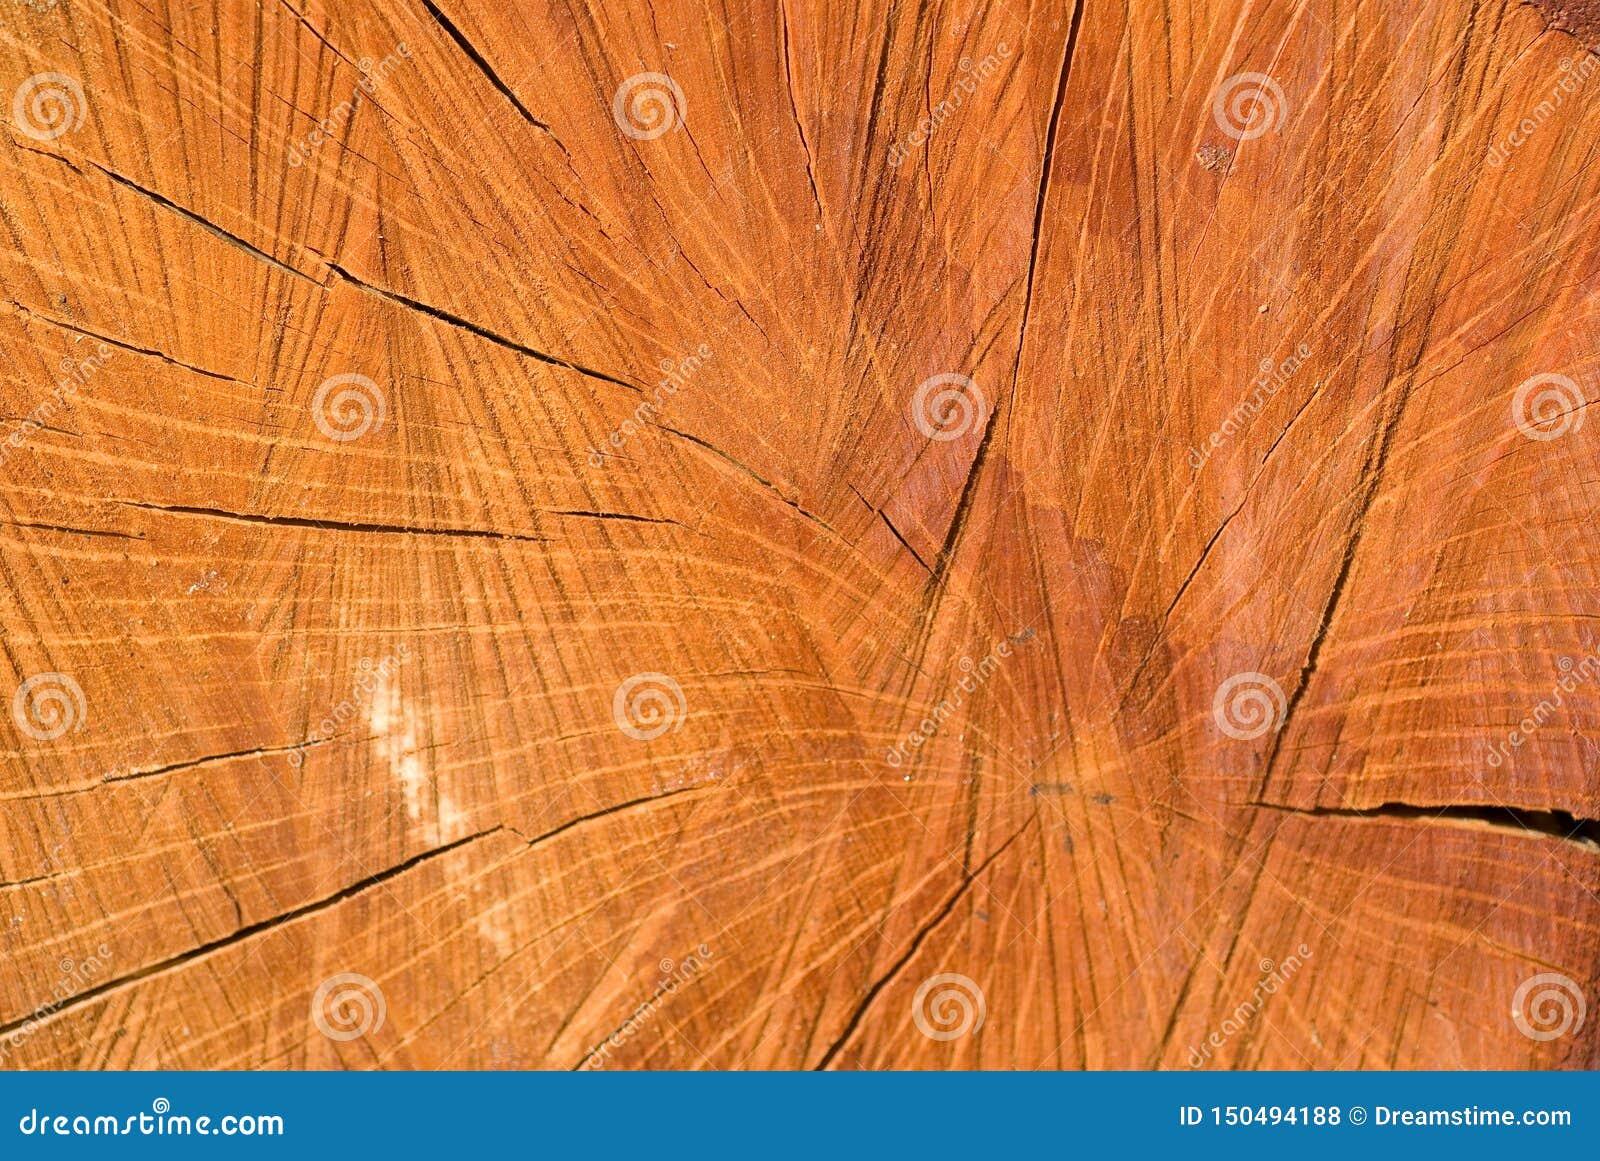 老木圣栎树裁减表面 详细的温暖的黑褐色和一个击倒的树干的橙色口气 r